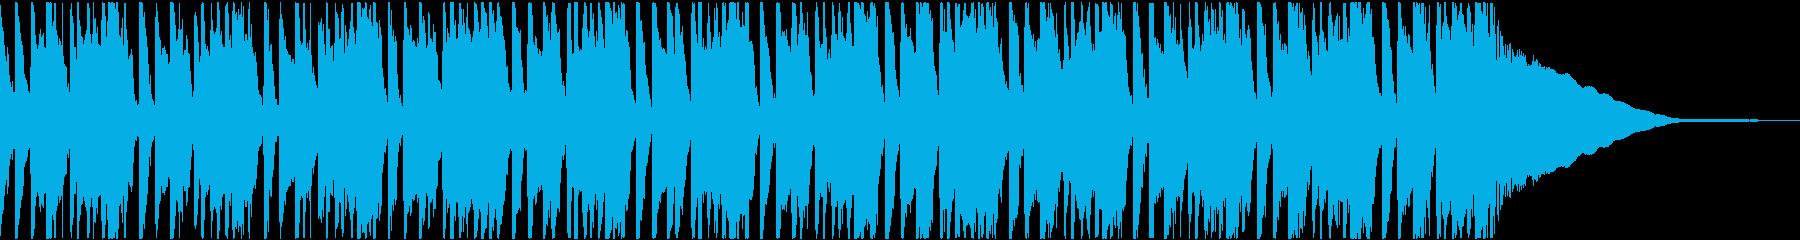 ティーン 民謡 コーポレート アク...の再生済みの波形